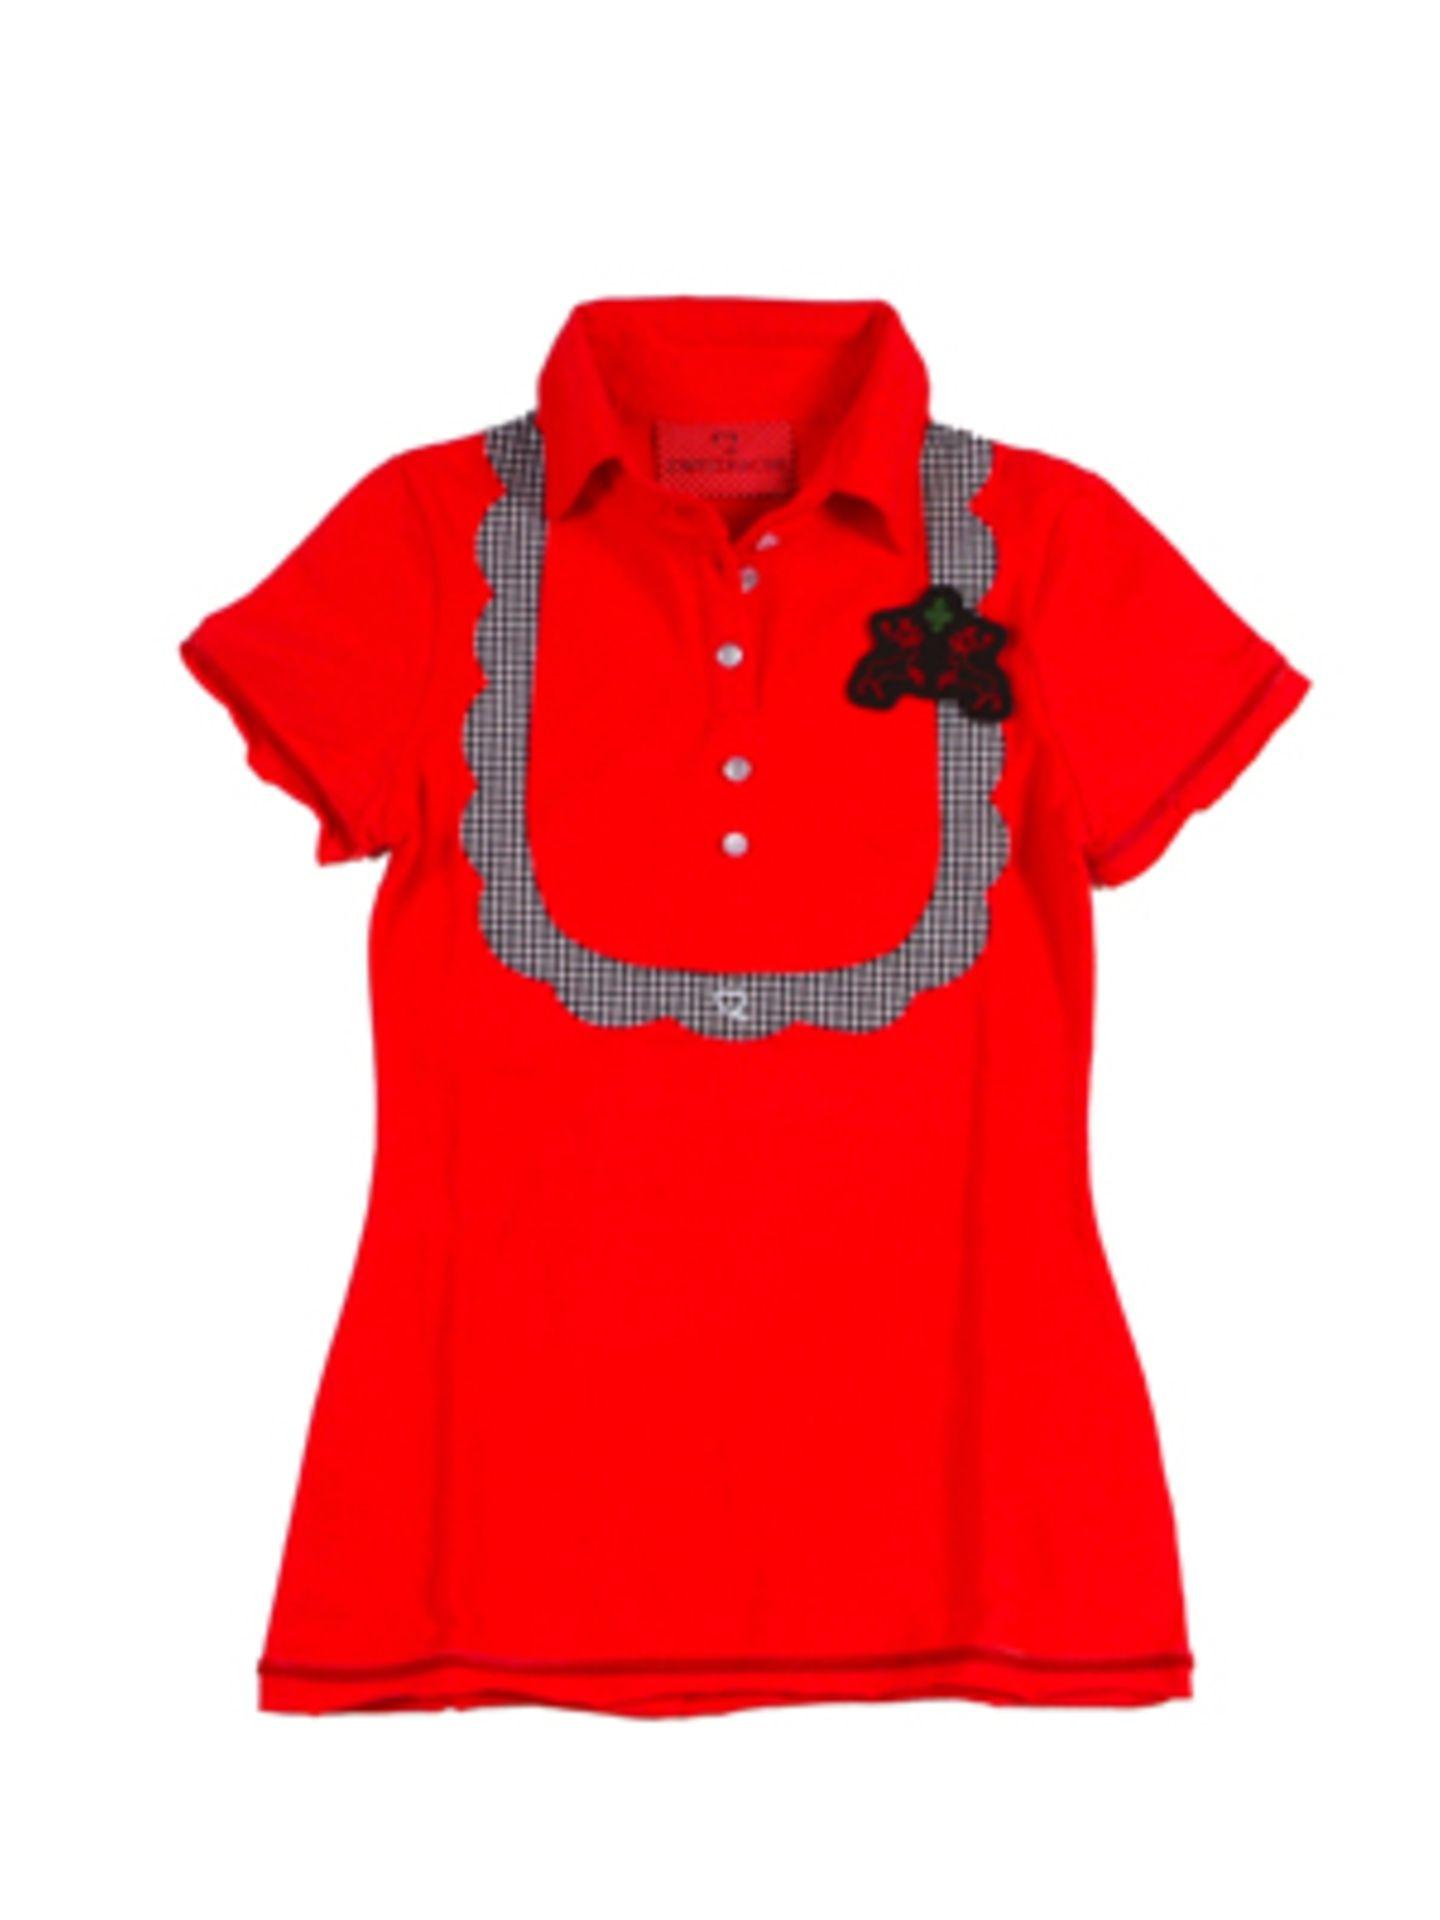 Rotes Poloshirt mit kariertem Schürzen-Print von Zweitracht, um 60 Euro.